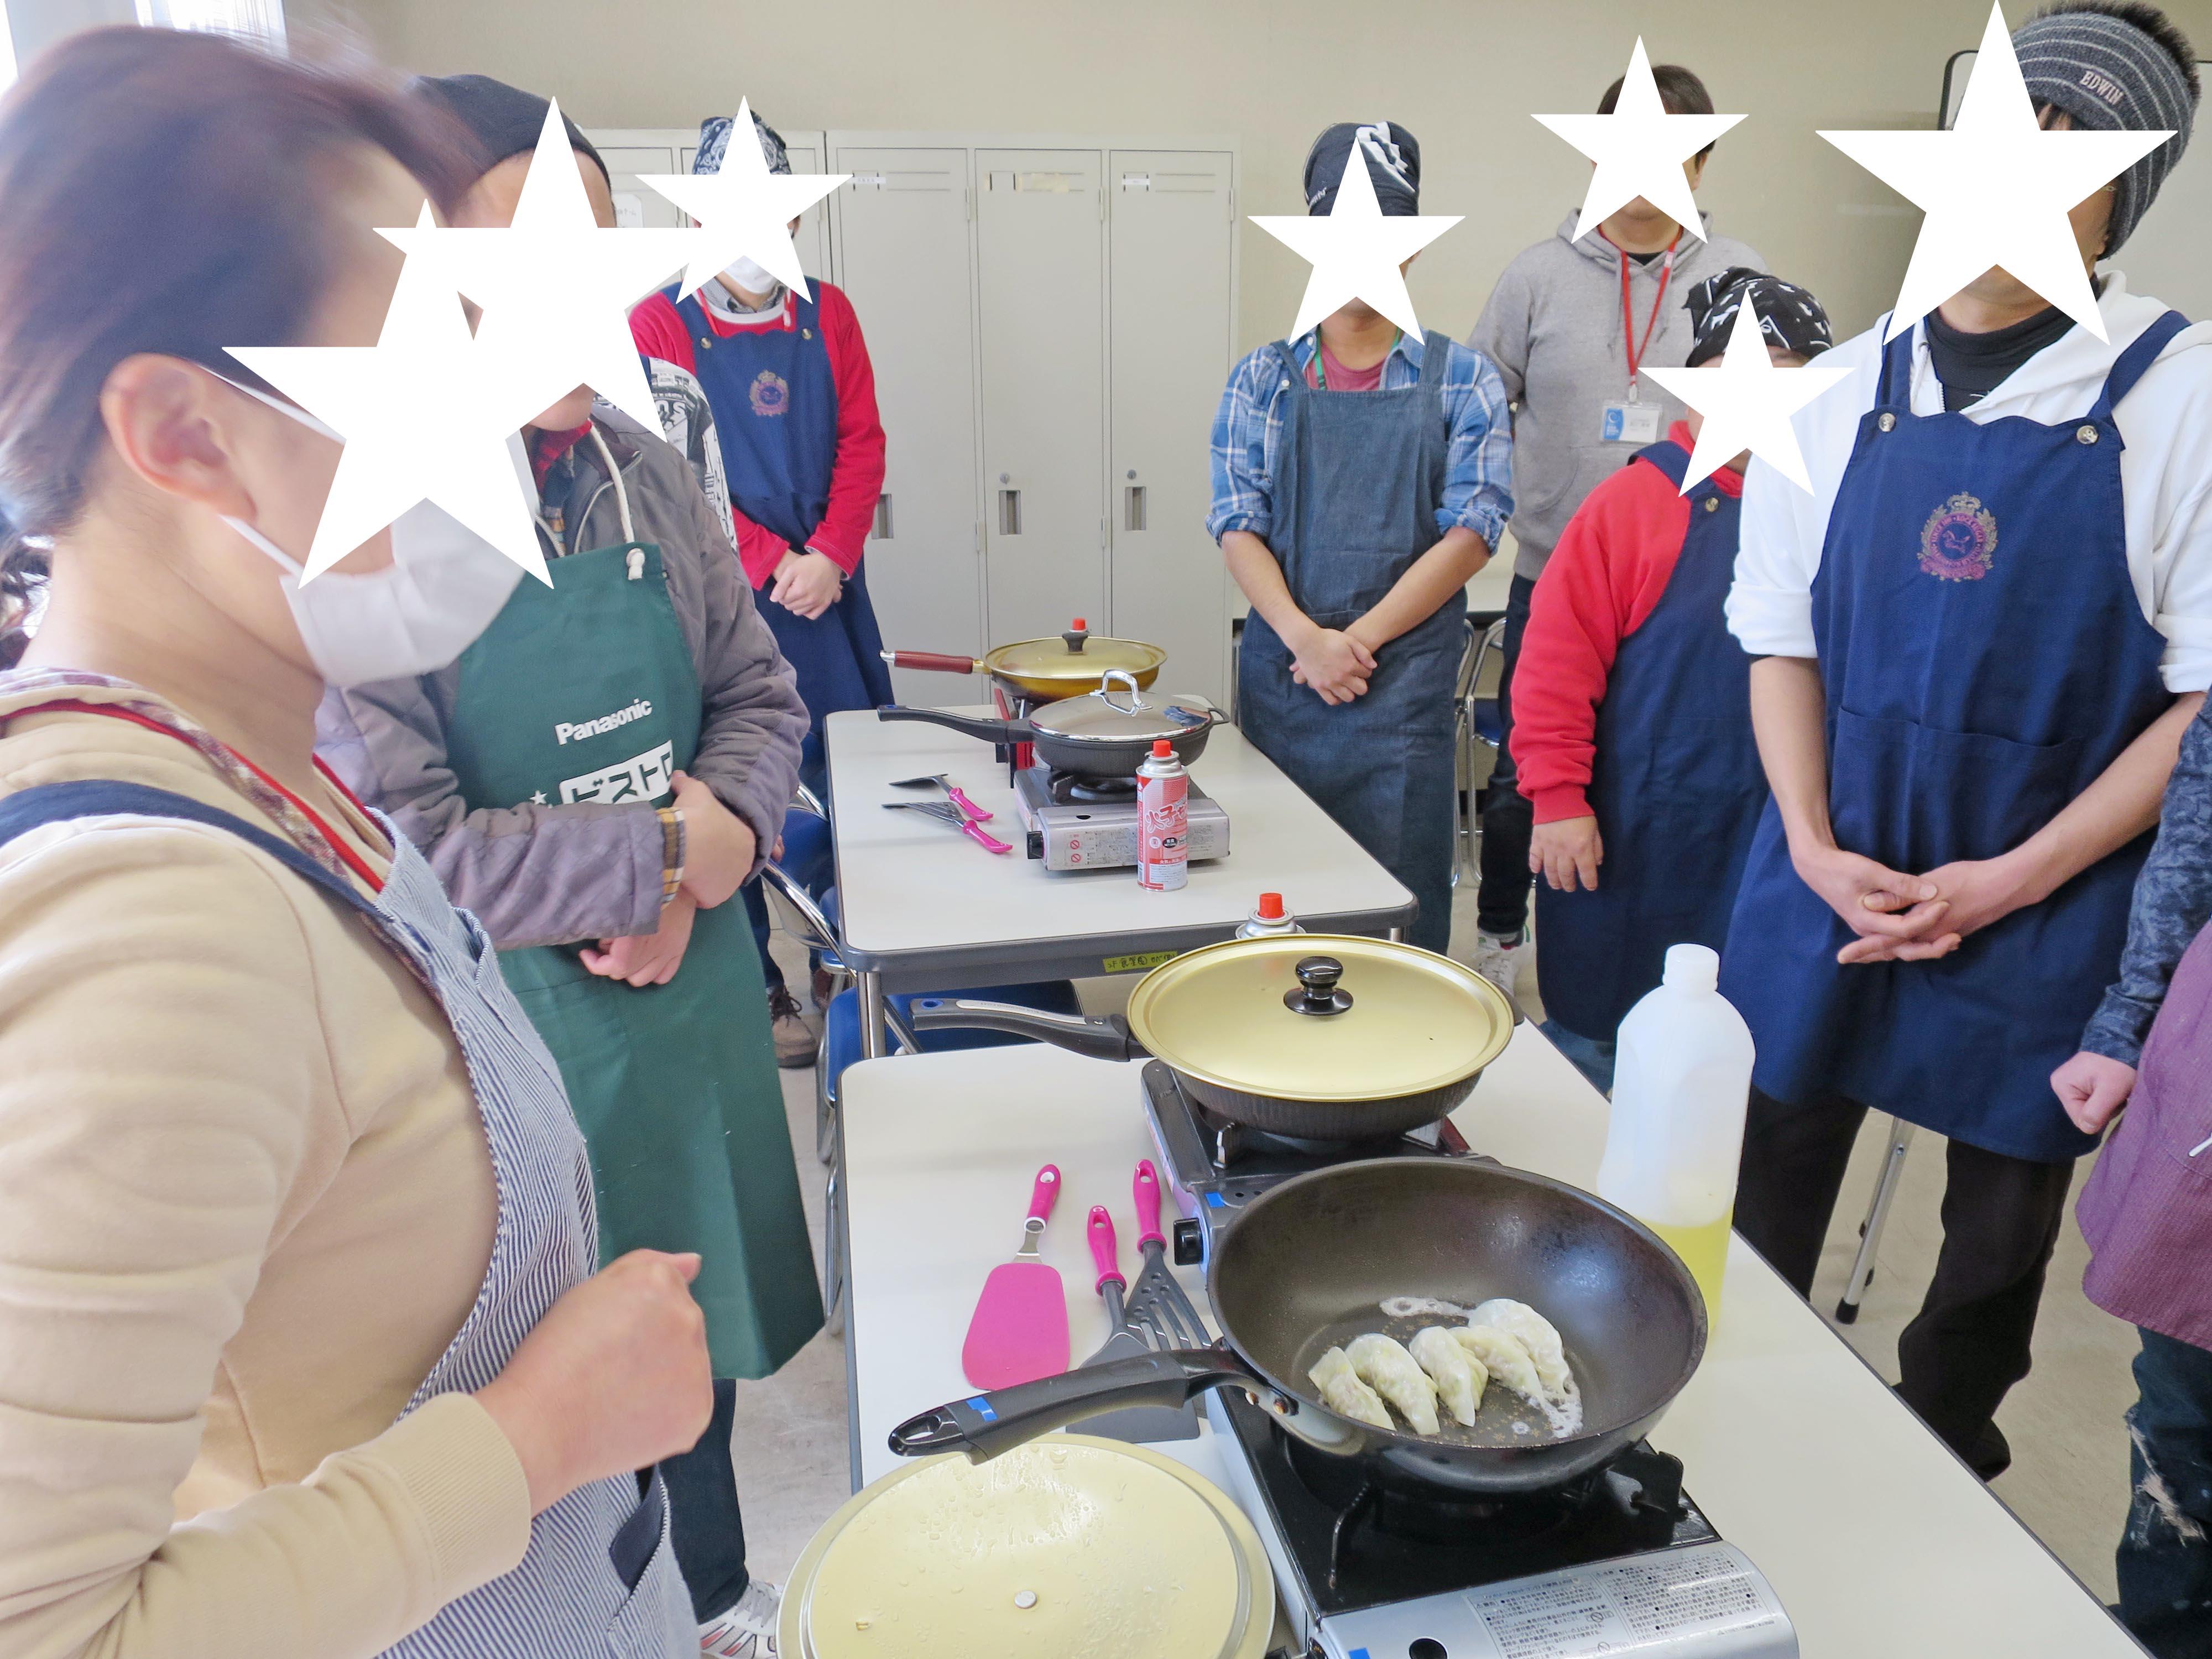 説明を受ける訓練生、写真手前には焼いている最中の餃子